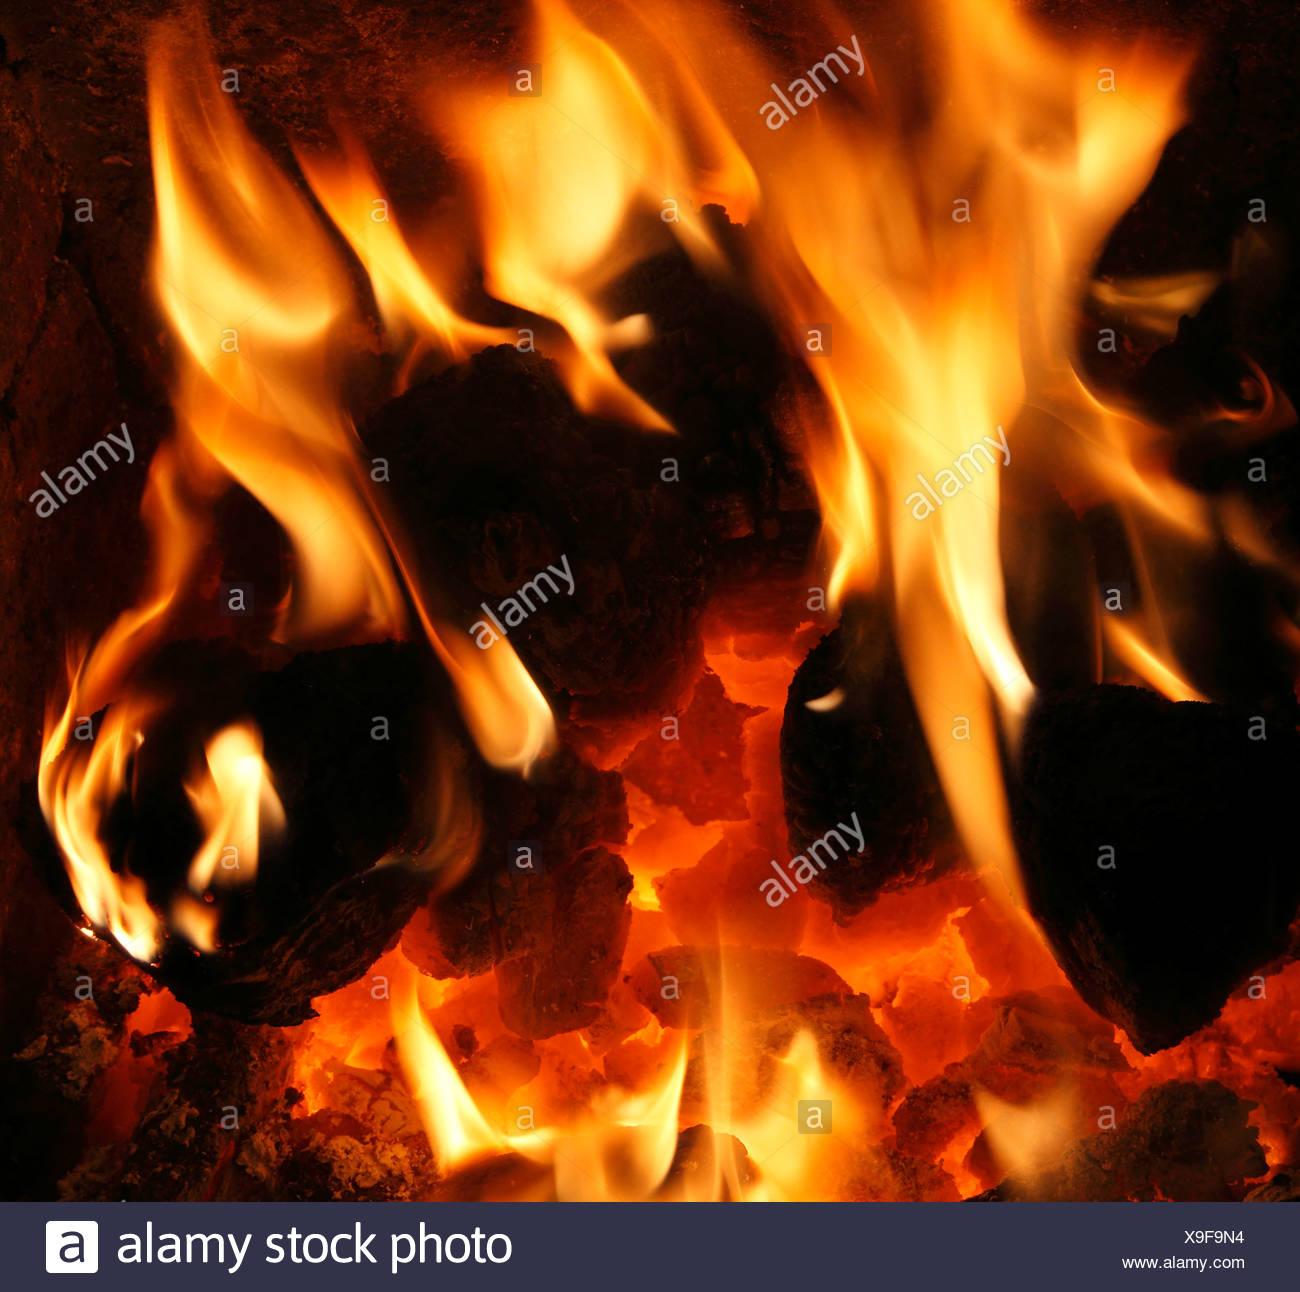 Les combustibles solides, le charbon national feu, brûlant, les flammes, les flammes, la chaleur du feu du cœur d'énergie de la chaleur des incendies de forêt accueil chaleureux Photo Stock